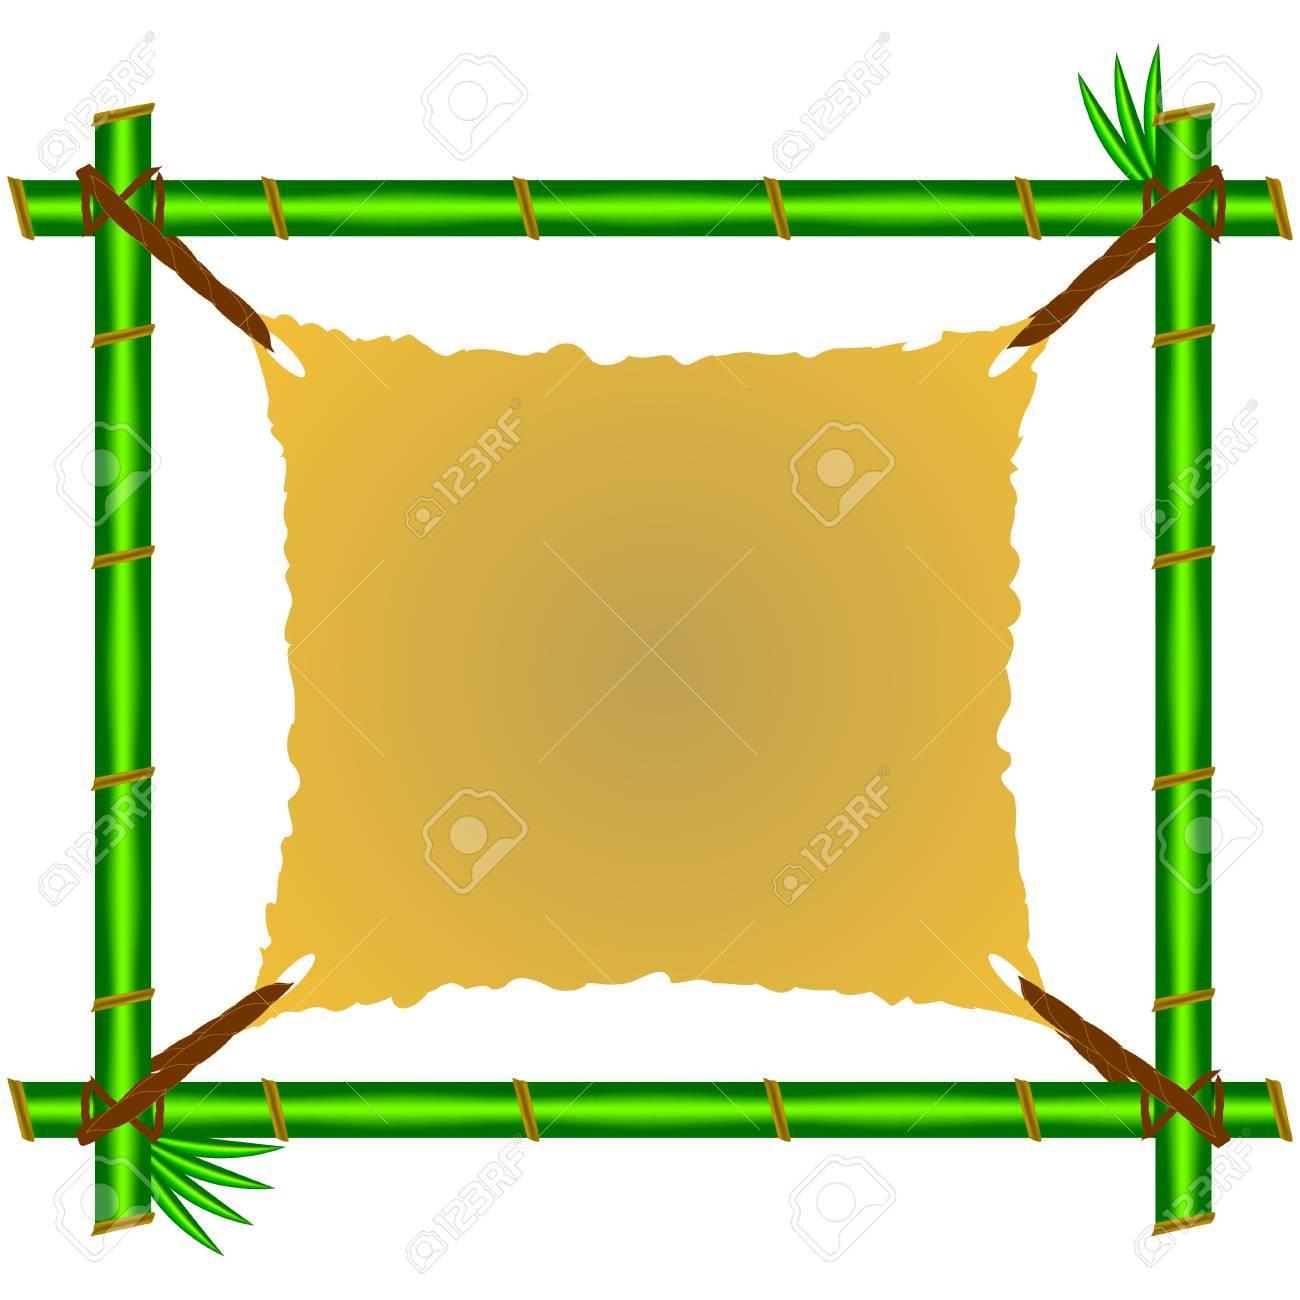 Grüner Bambus-Rahmen Mit Zerlumpten Leinwand. Lizenzfrei Nutzbare ...